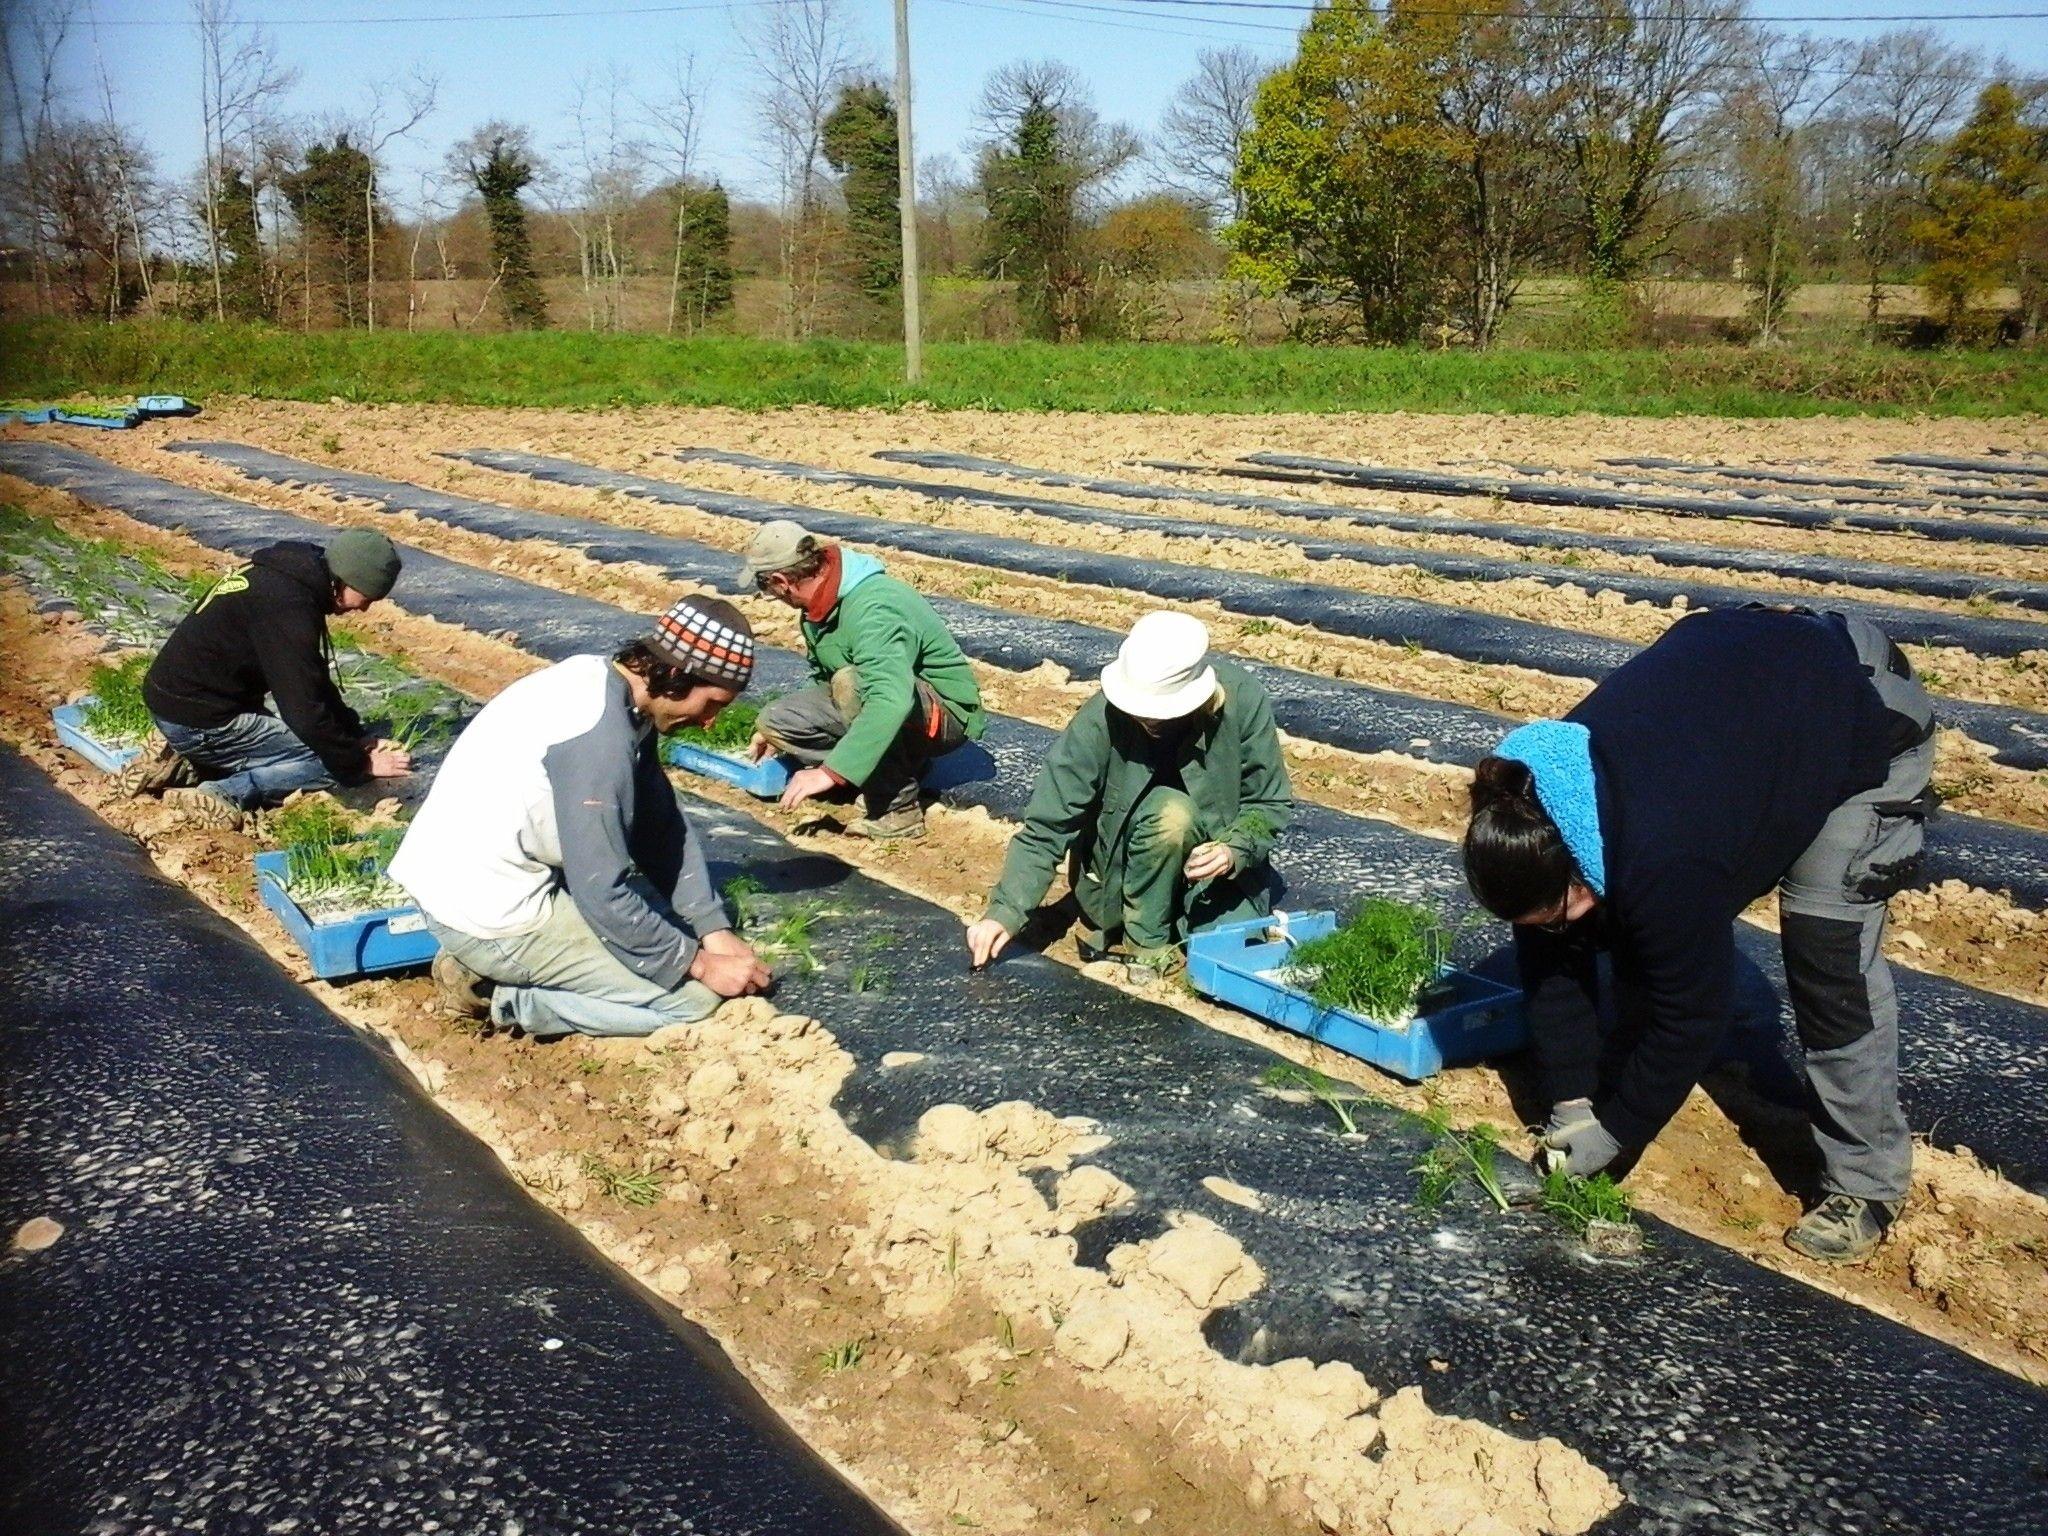 Aux «Champs gourmands», on cultive l'insertion et on fait germer des projets en maraîchage bio.